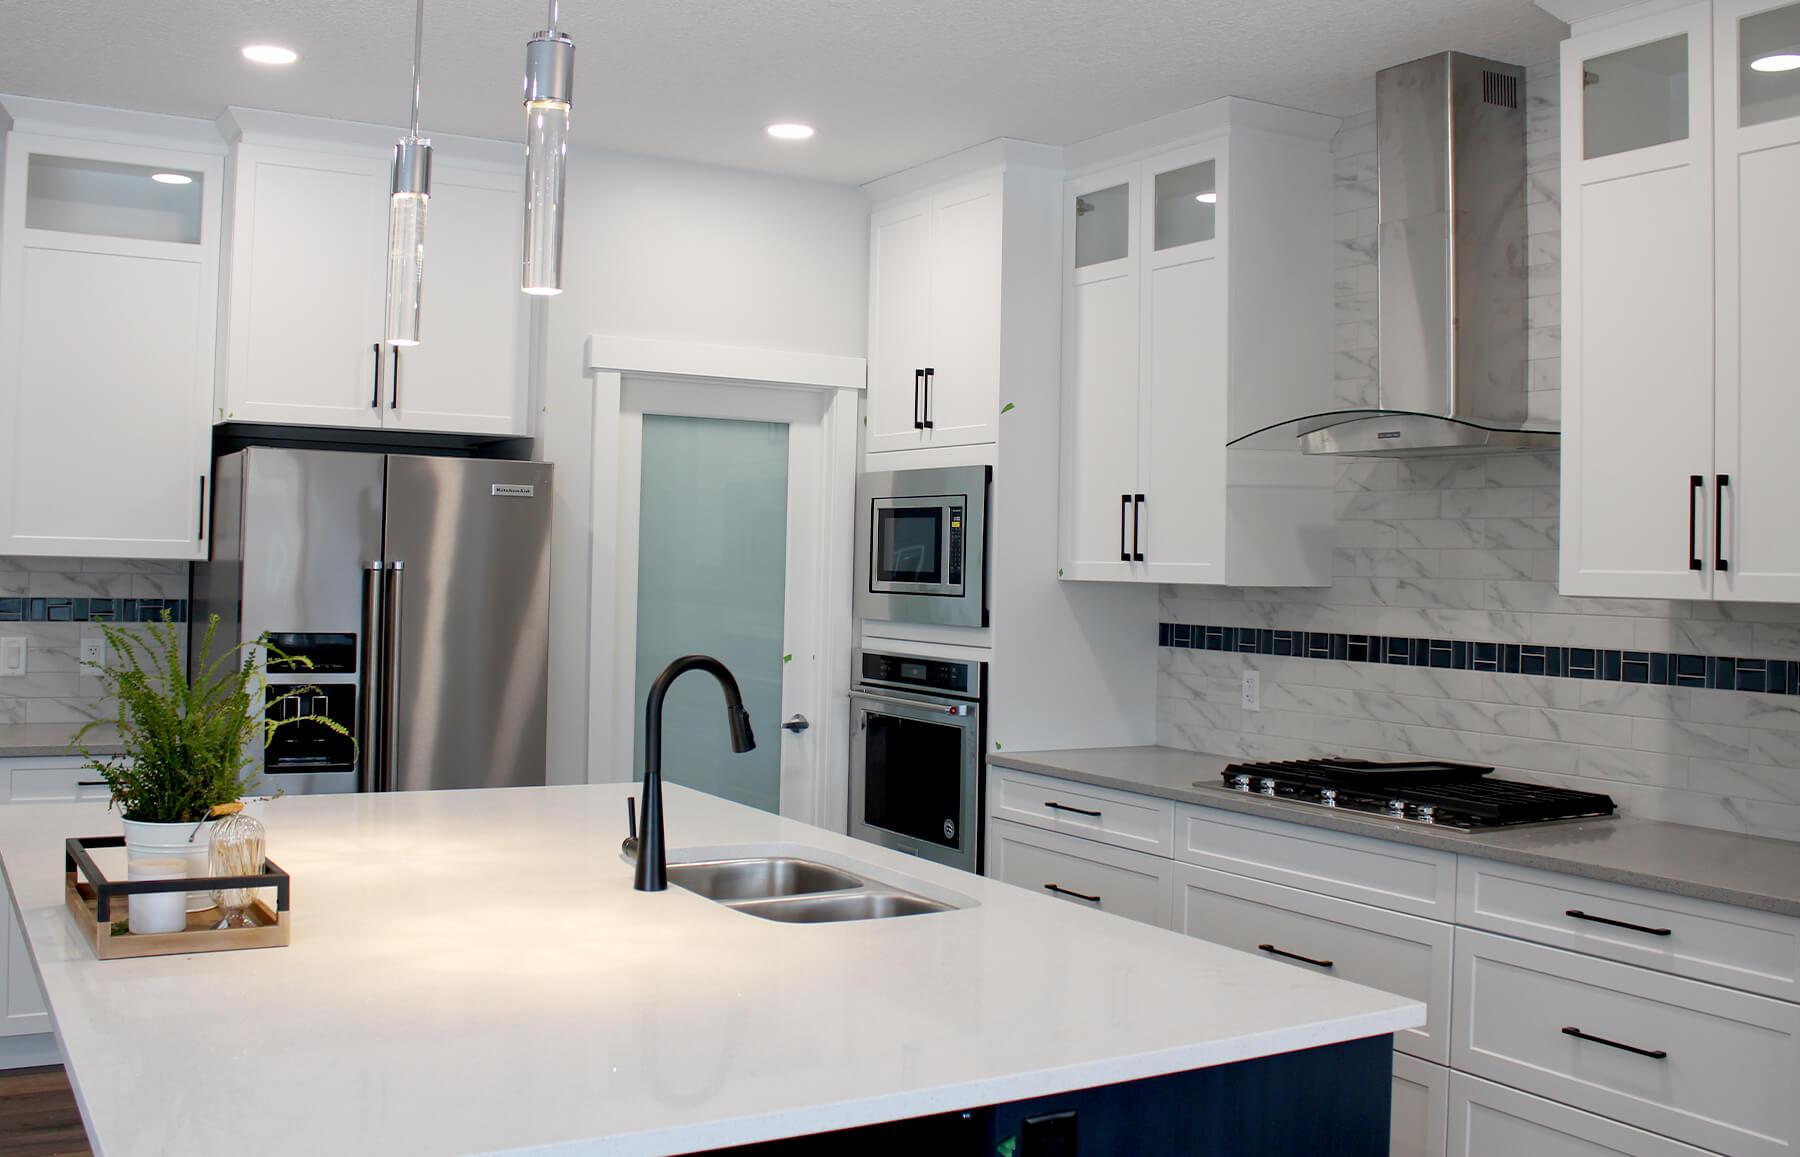 durnin kitchen